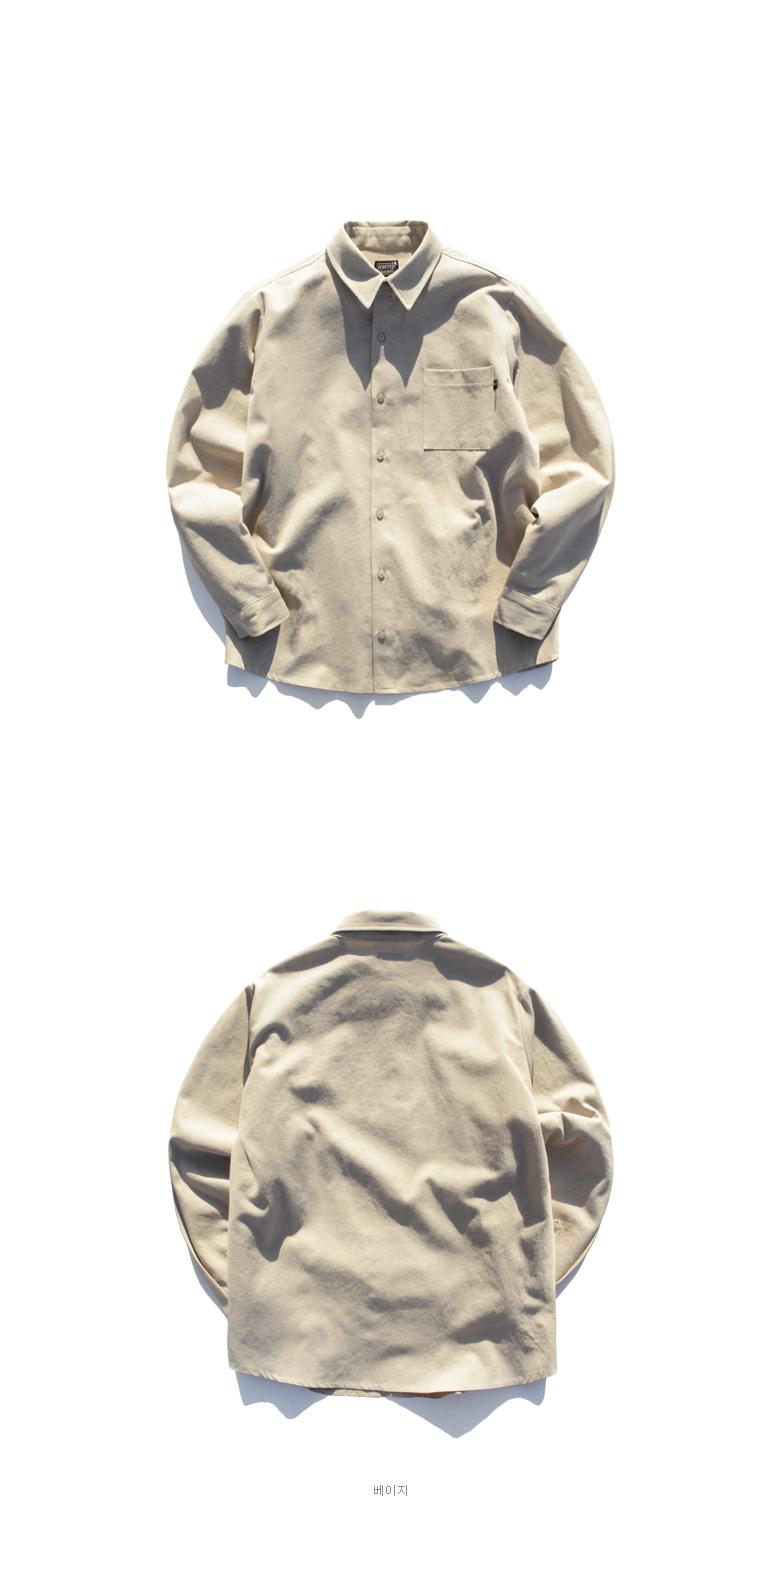 퍼스텝(PERSTEP) [기획특가] 피그먼트 루즈핏 셔츠 검정 SMLS4058